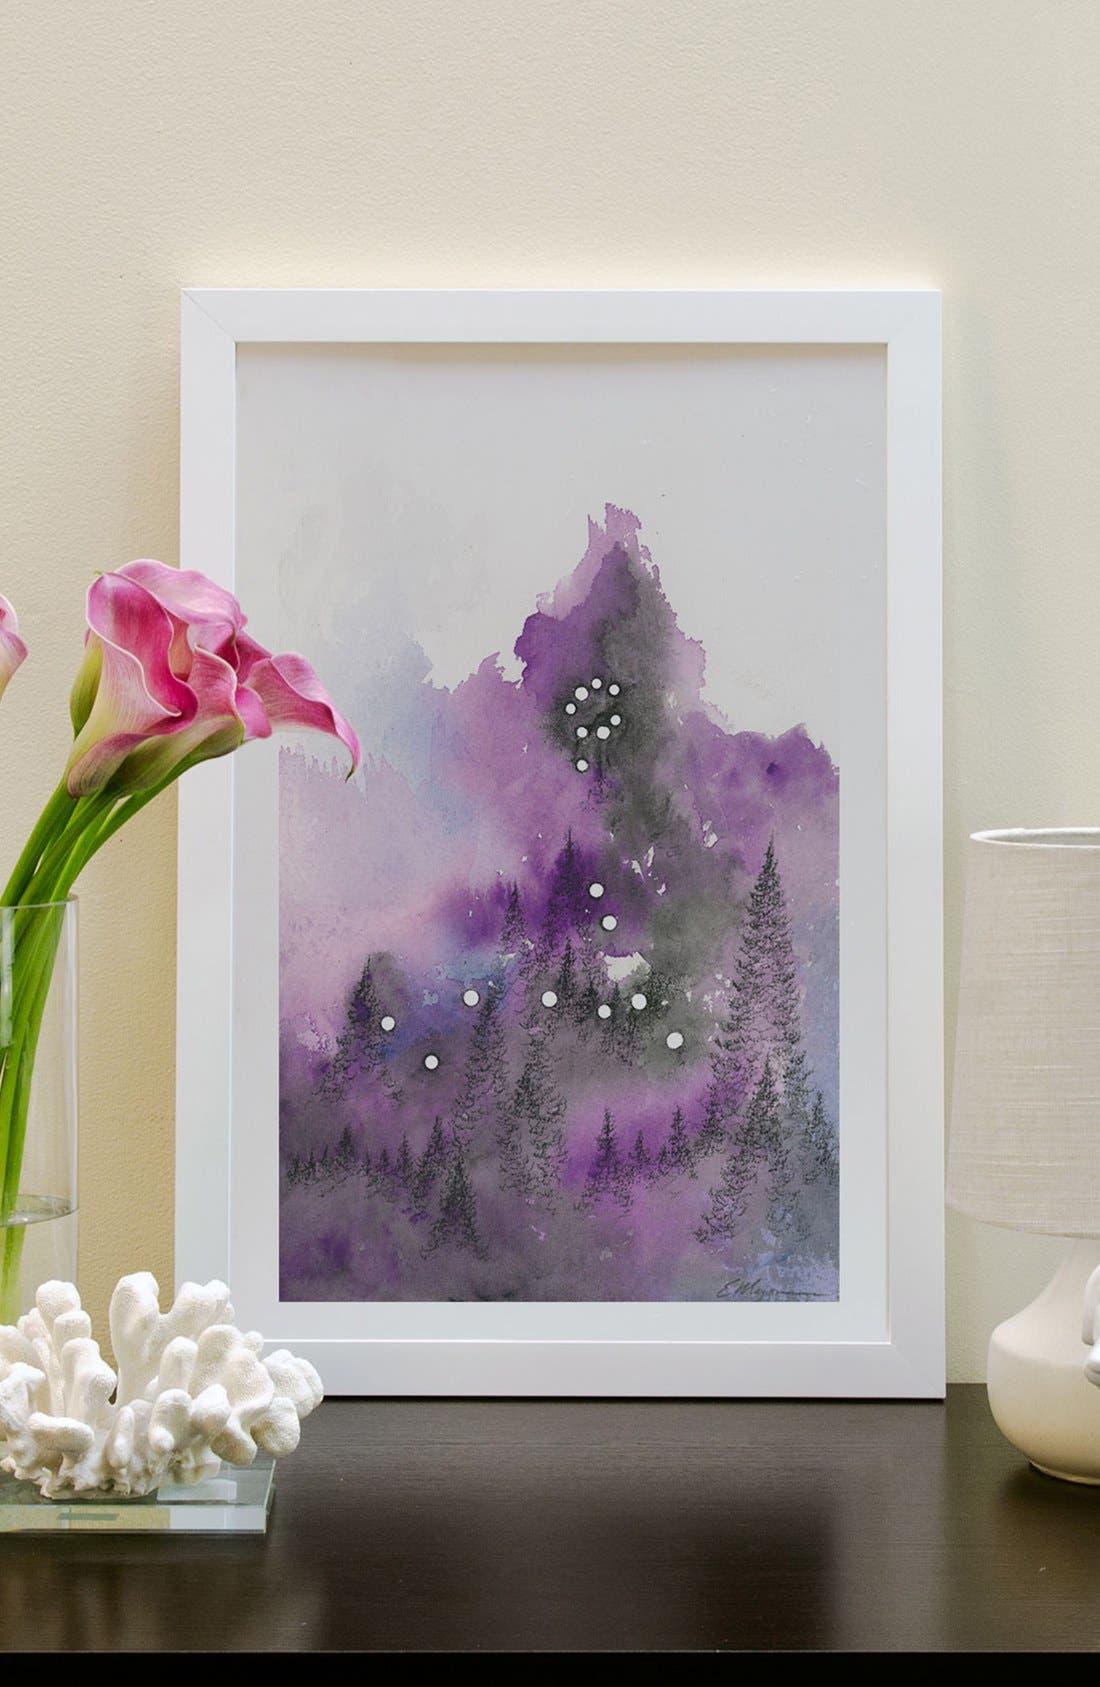 'Pisces' Framed Fine Art Print,                             Alternate thumbnail 2, color,                             100